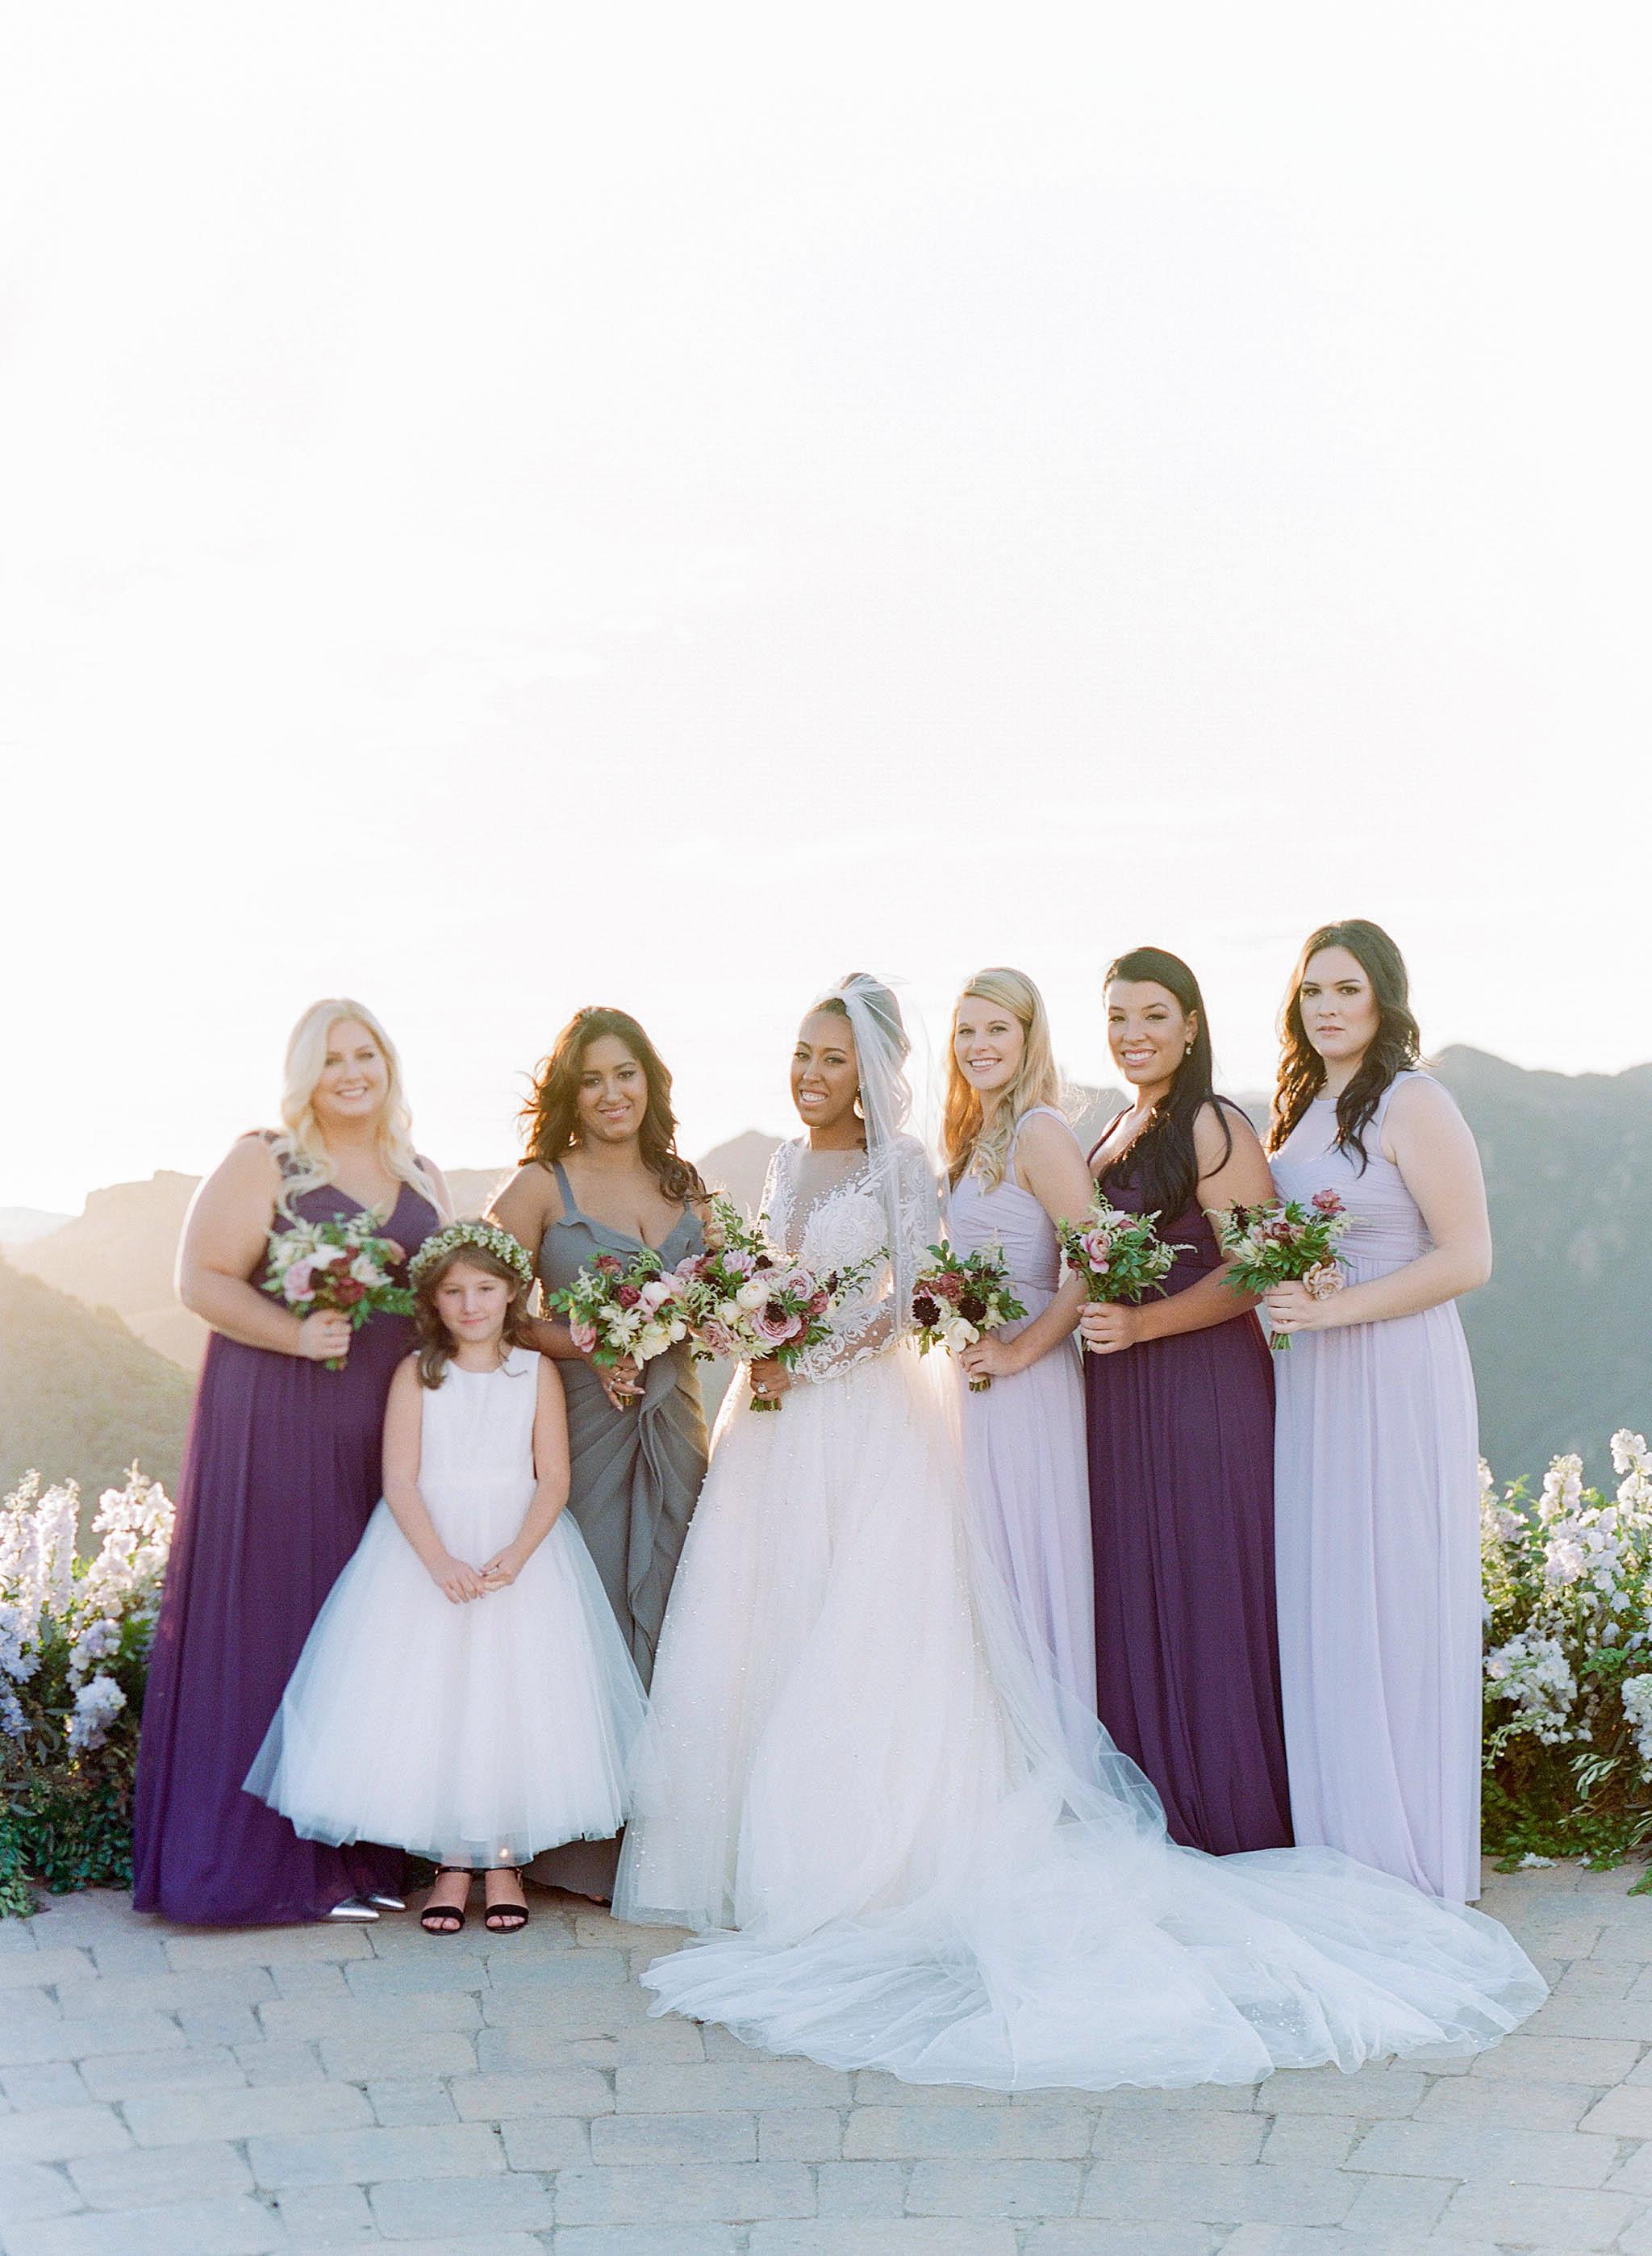 tillie dalton wedding bridesmaids